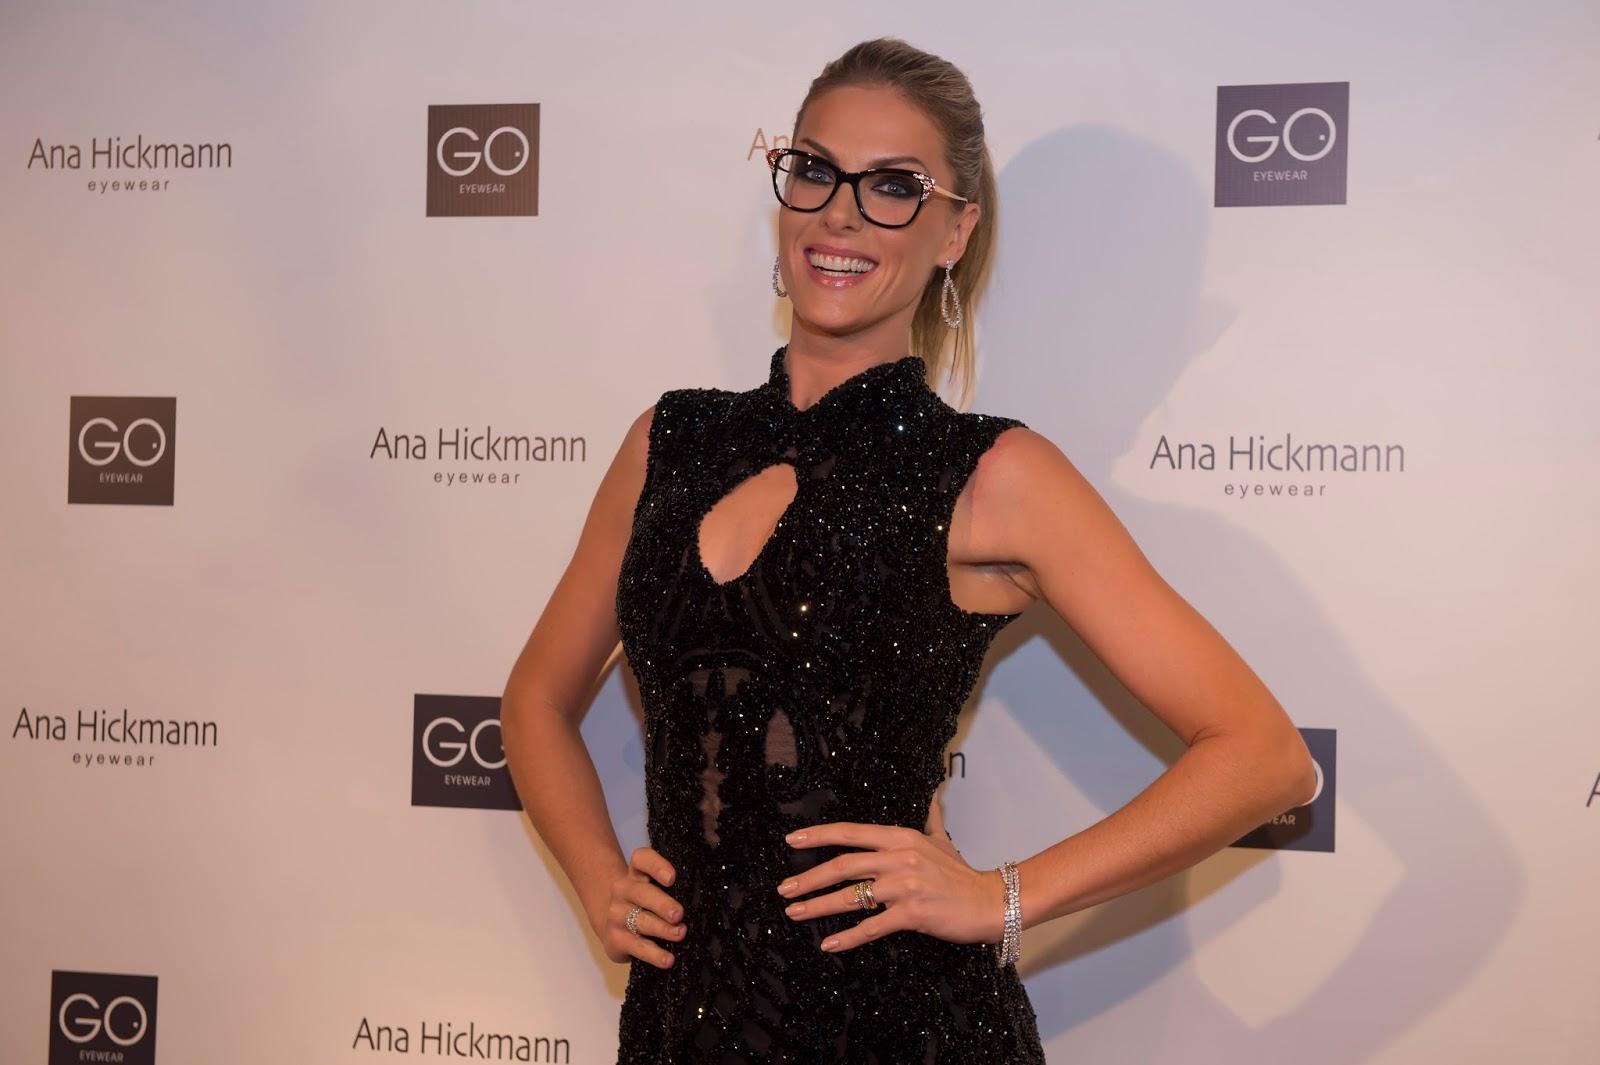 Noite de festa para Ana Hickmann! A apresentadora e modelo celebra os 15  anos da sua Ana Hickmann Eyewear, marca de óculos lançada com a Go Eyewear,  ... 685cc75f35